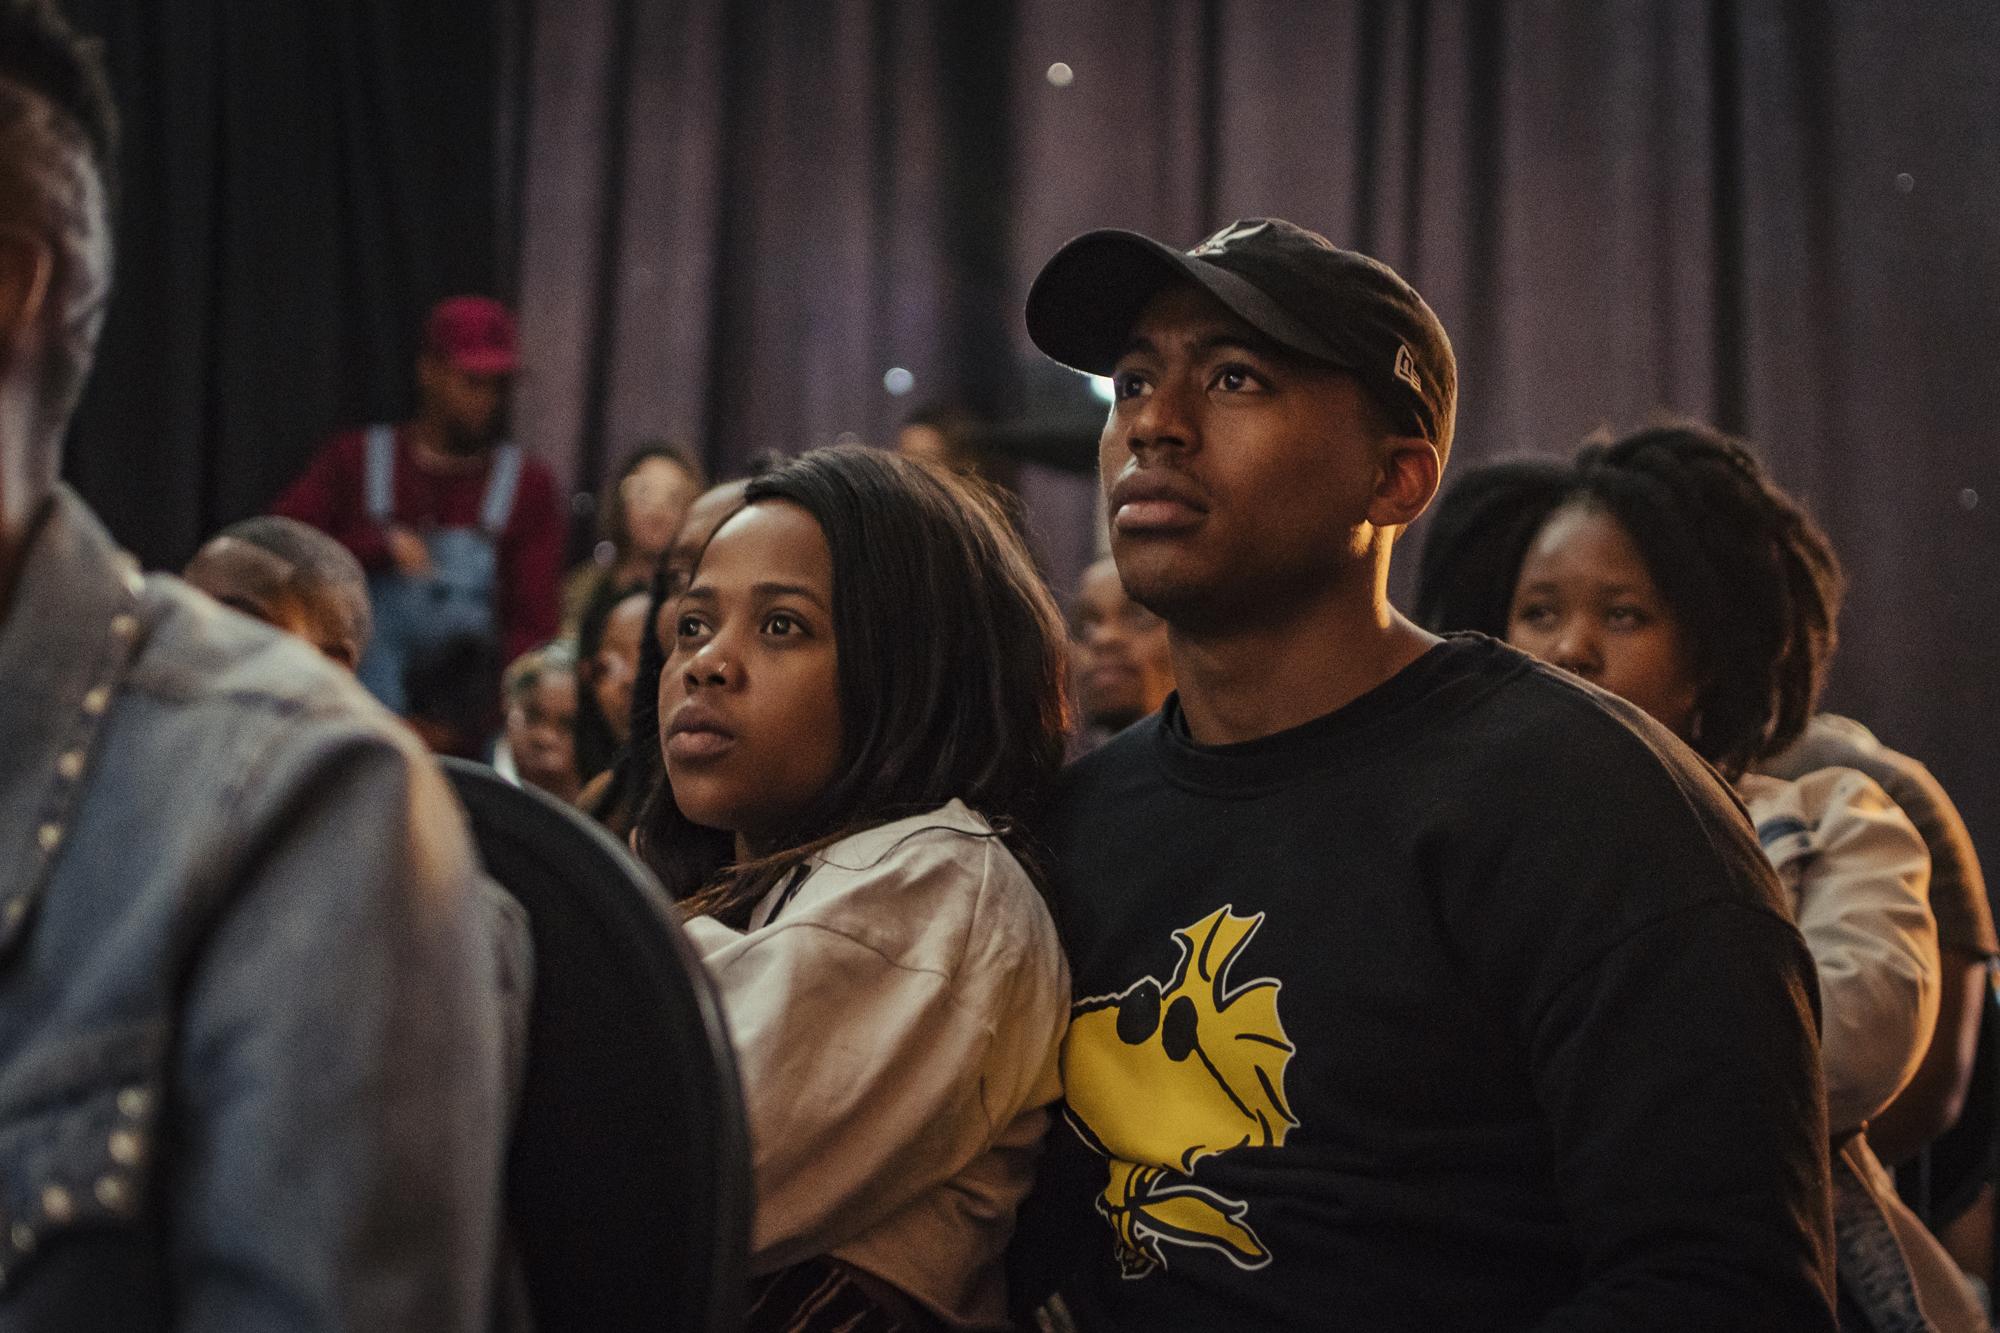 Red Bull Amaphiko Film Festival 2017 / redbullcontentpool.com